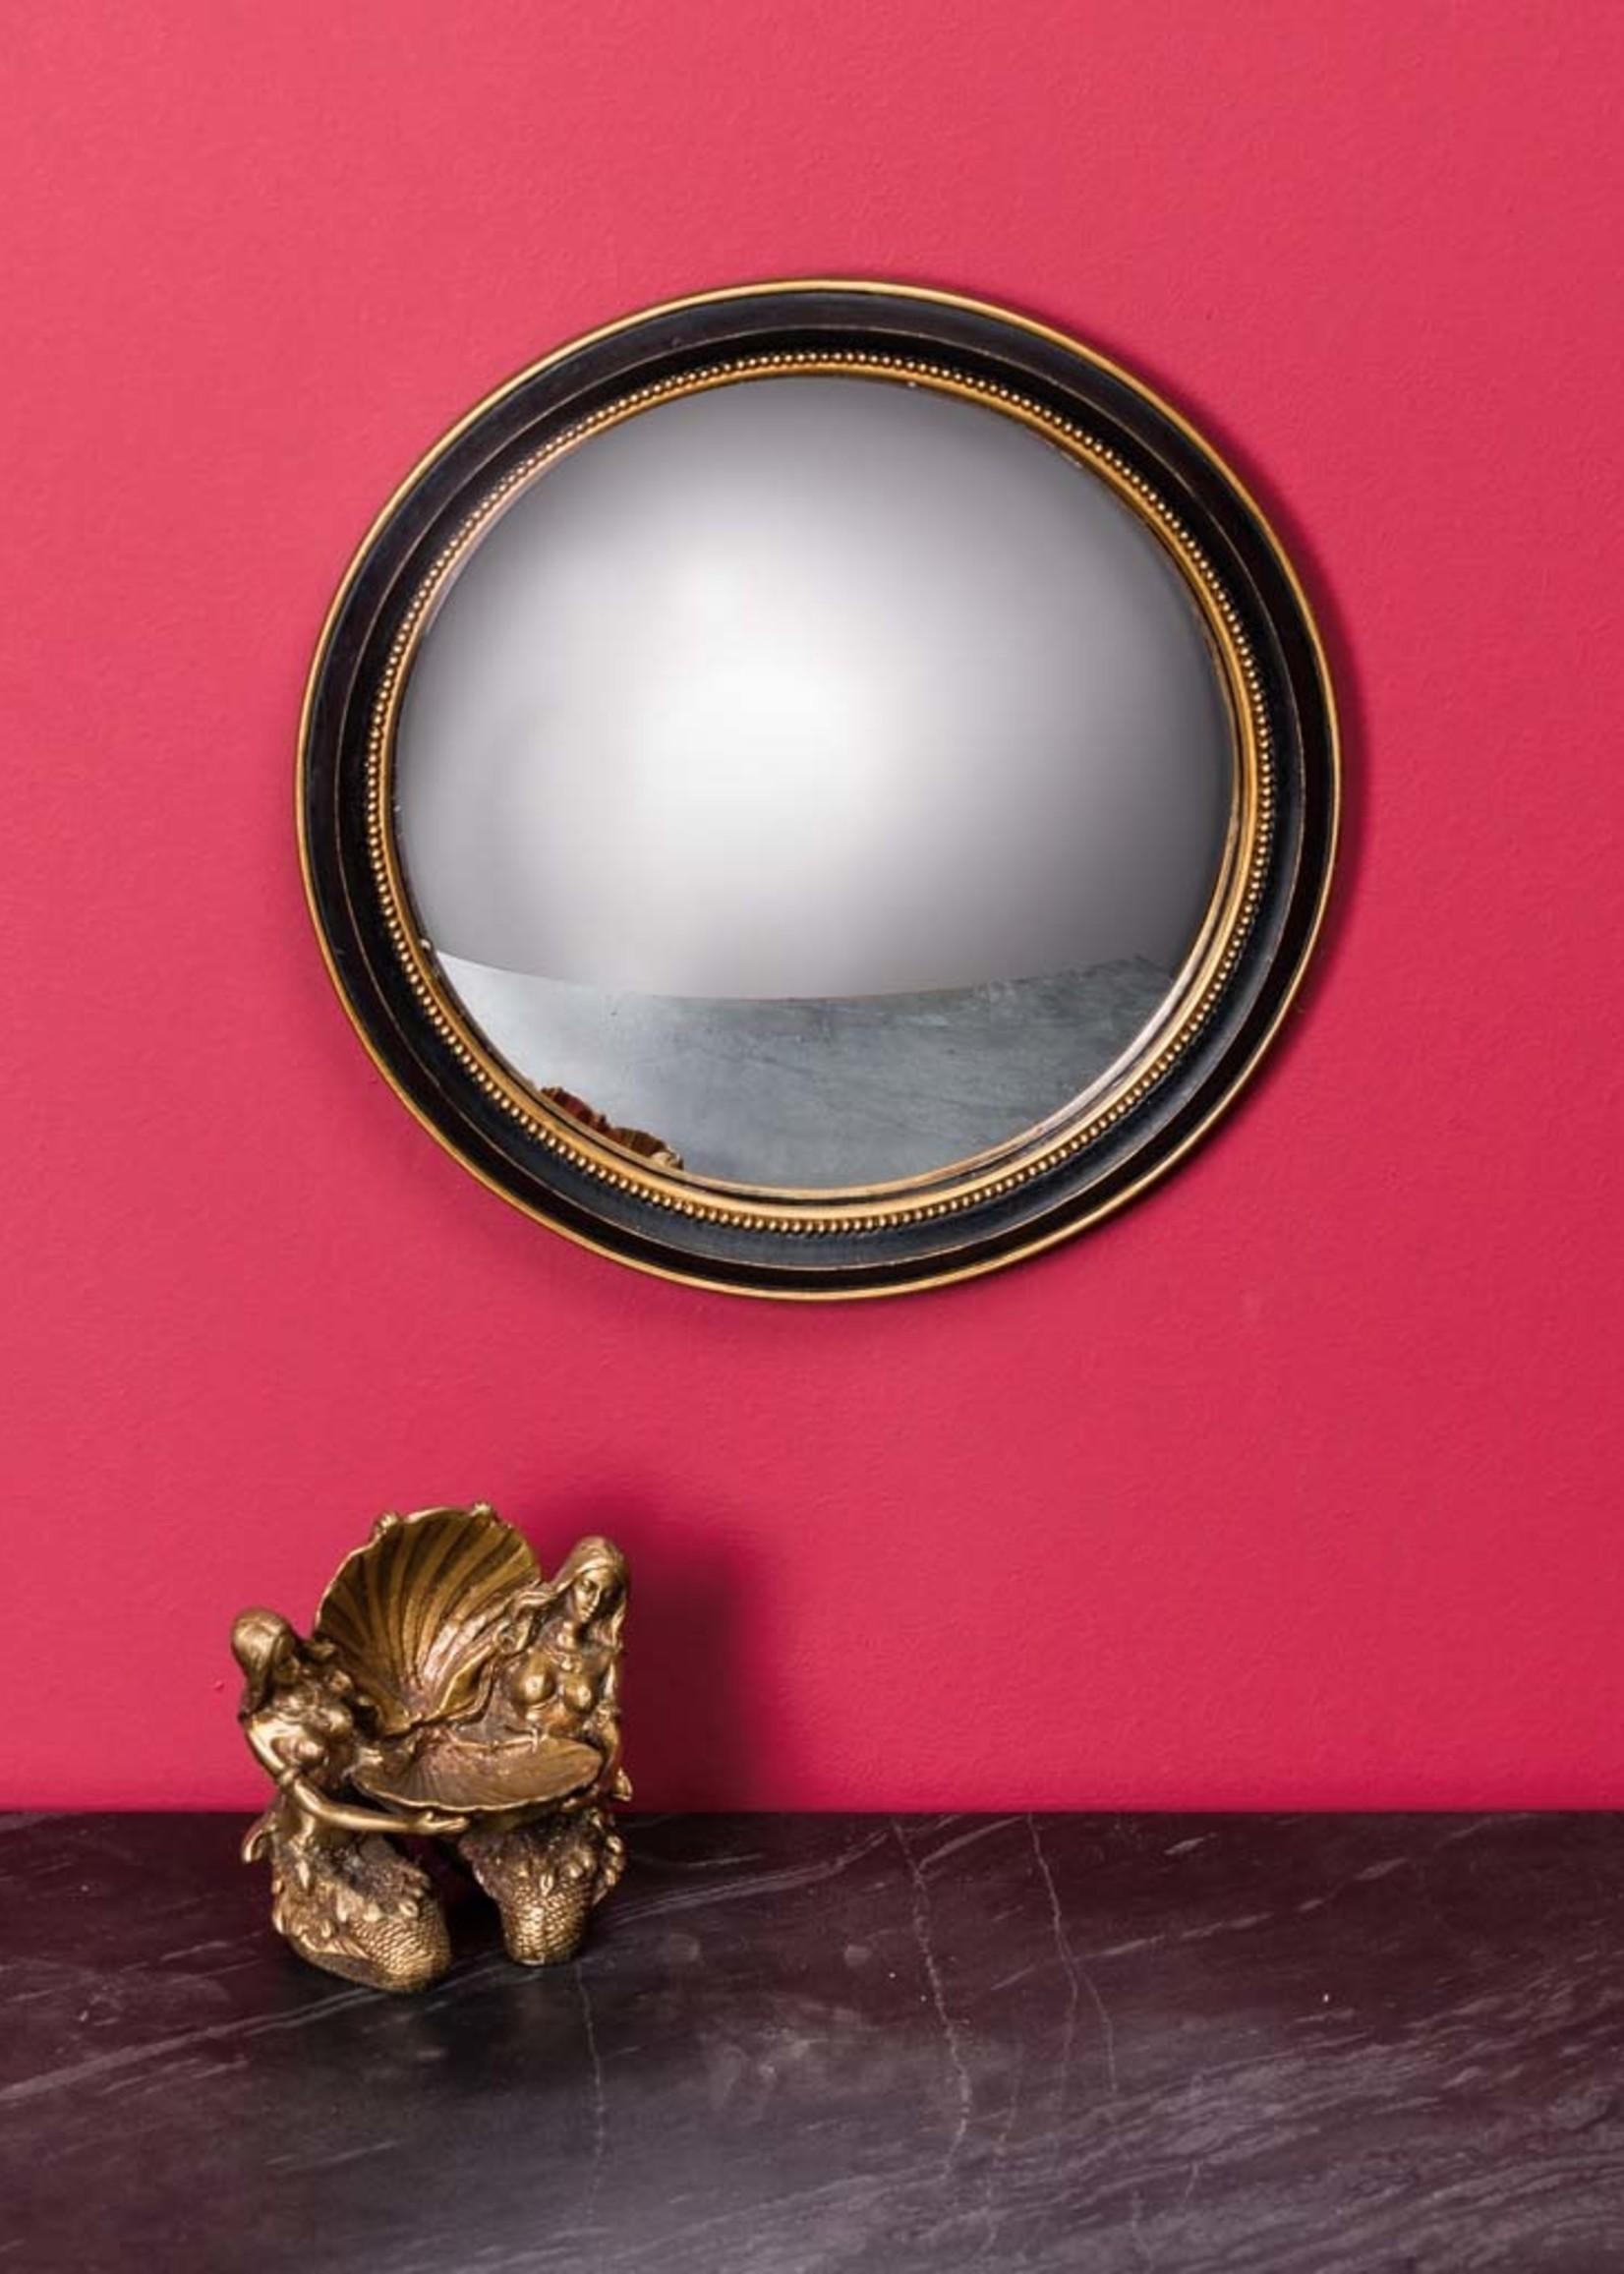 Chehoma Bolle spiegel 27 cm ZWART GOUD